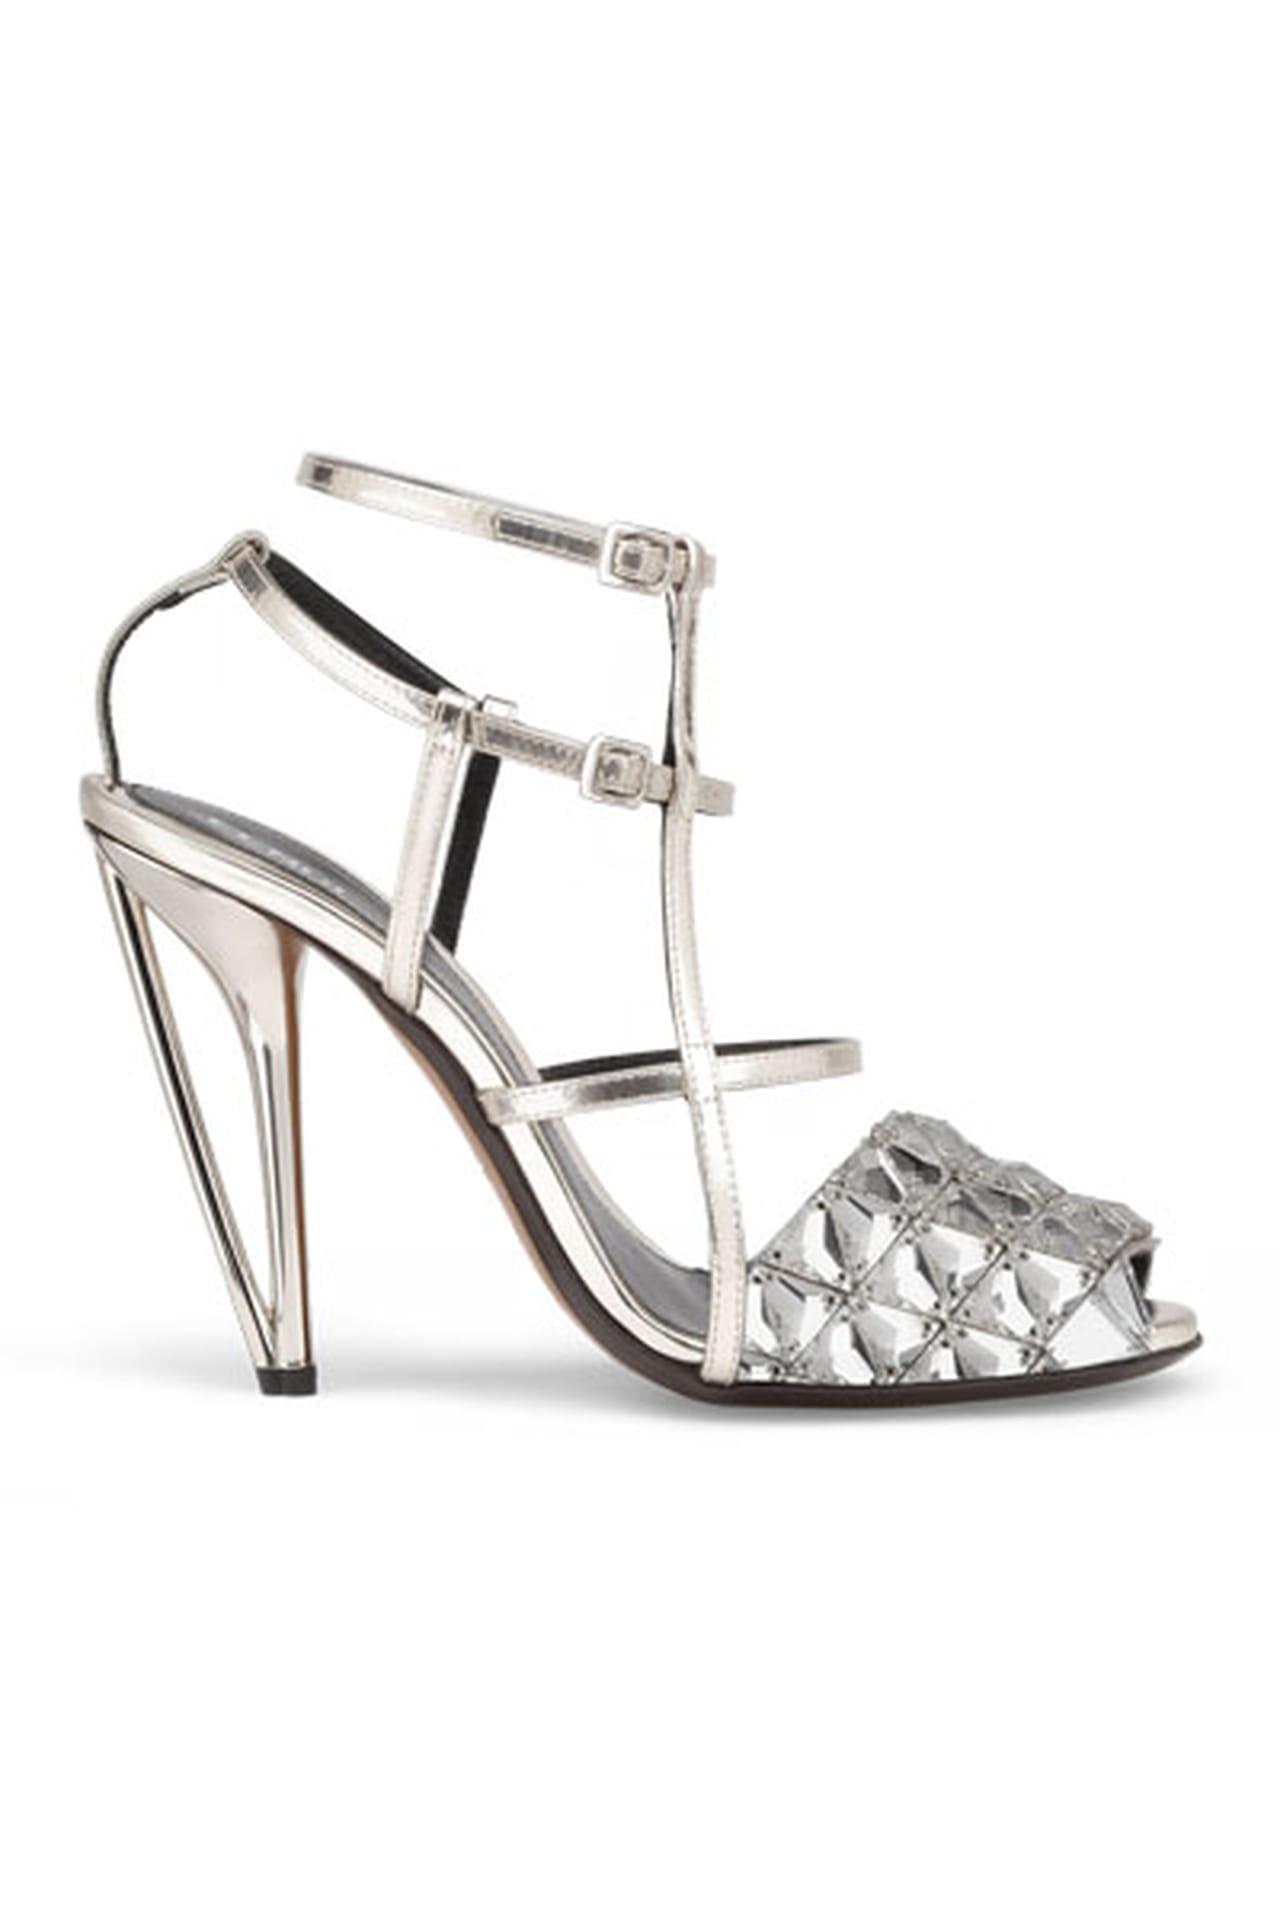 833c83b66 الفضي والذهبي الموضة الأكثر رواجاً في أحذية ربيع وصيف 2014